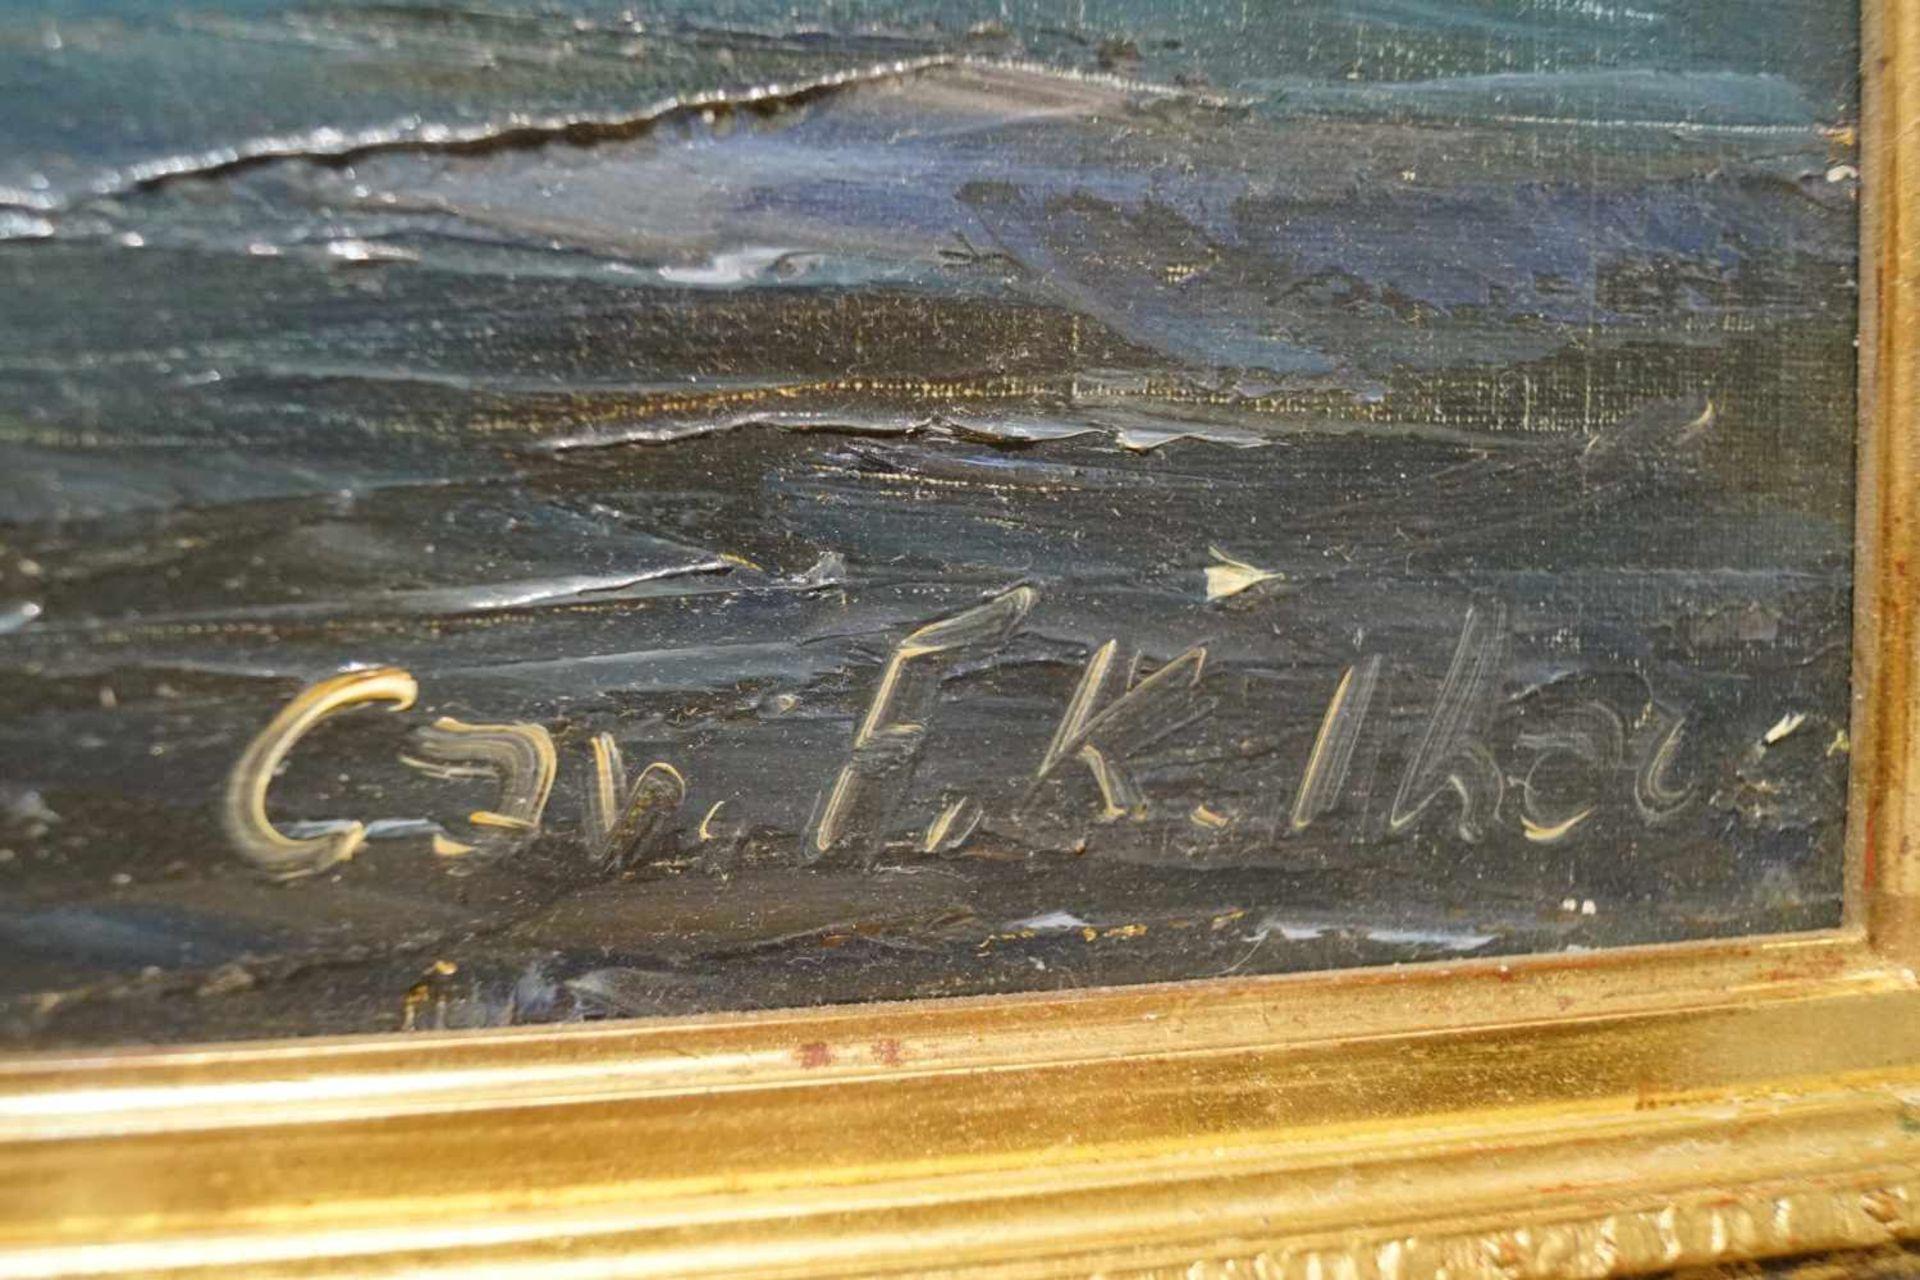 Italienische Küstenansicht Cav. Friedrich Karl Thauer (1924-2009), Öl auf Leinwand, signiert, - Bild 3 aus 3